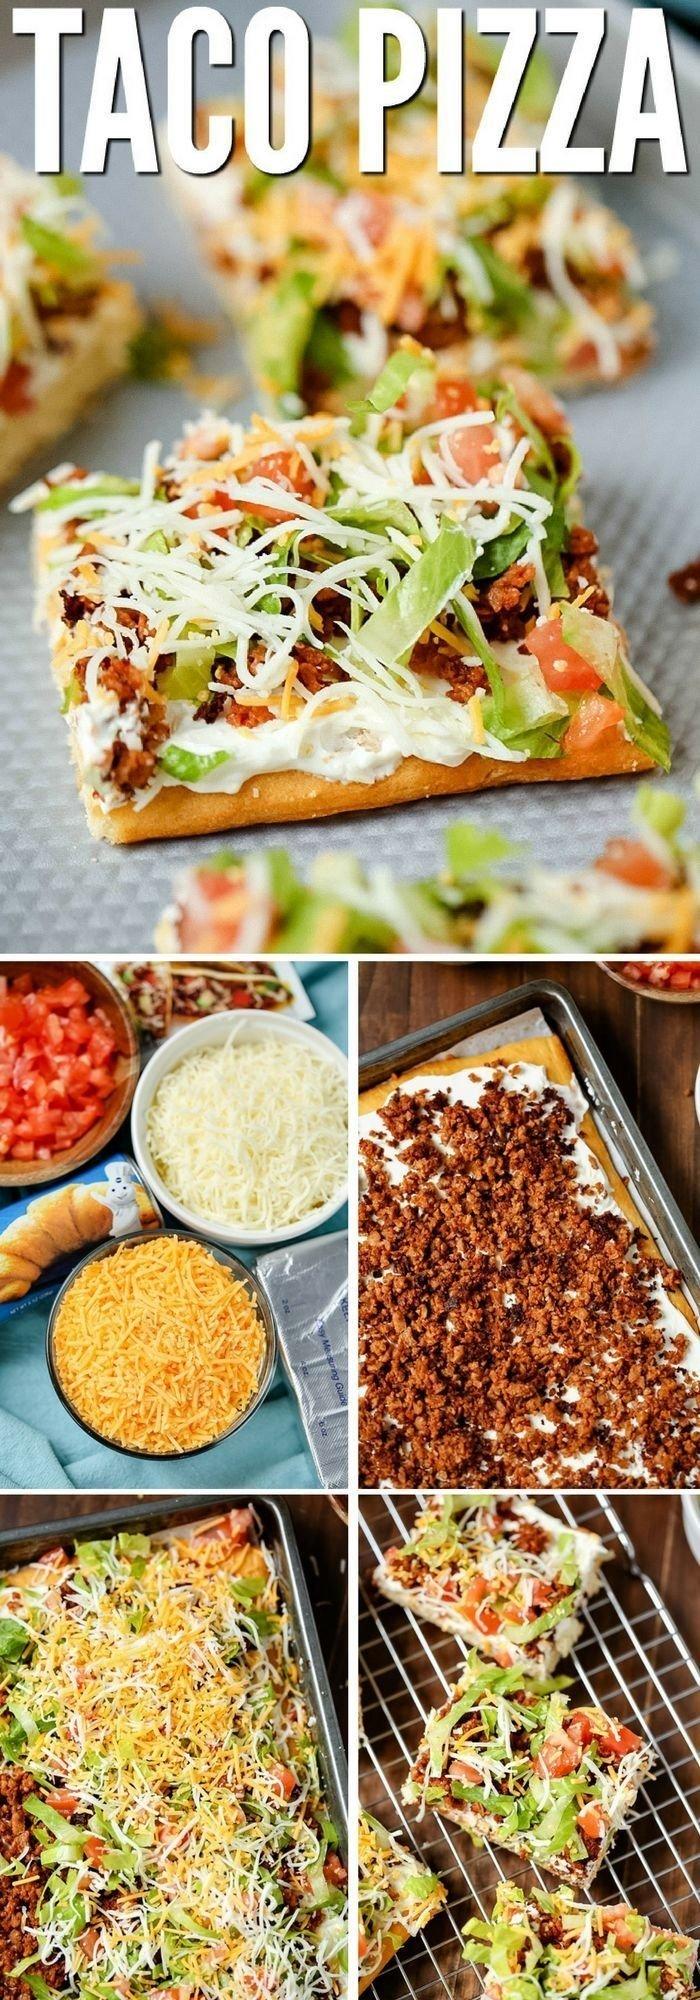 10 Trendy New Dinner Ideas For Family les 30 meilleures images du tableau dinner recipes sur pinterest 2020